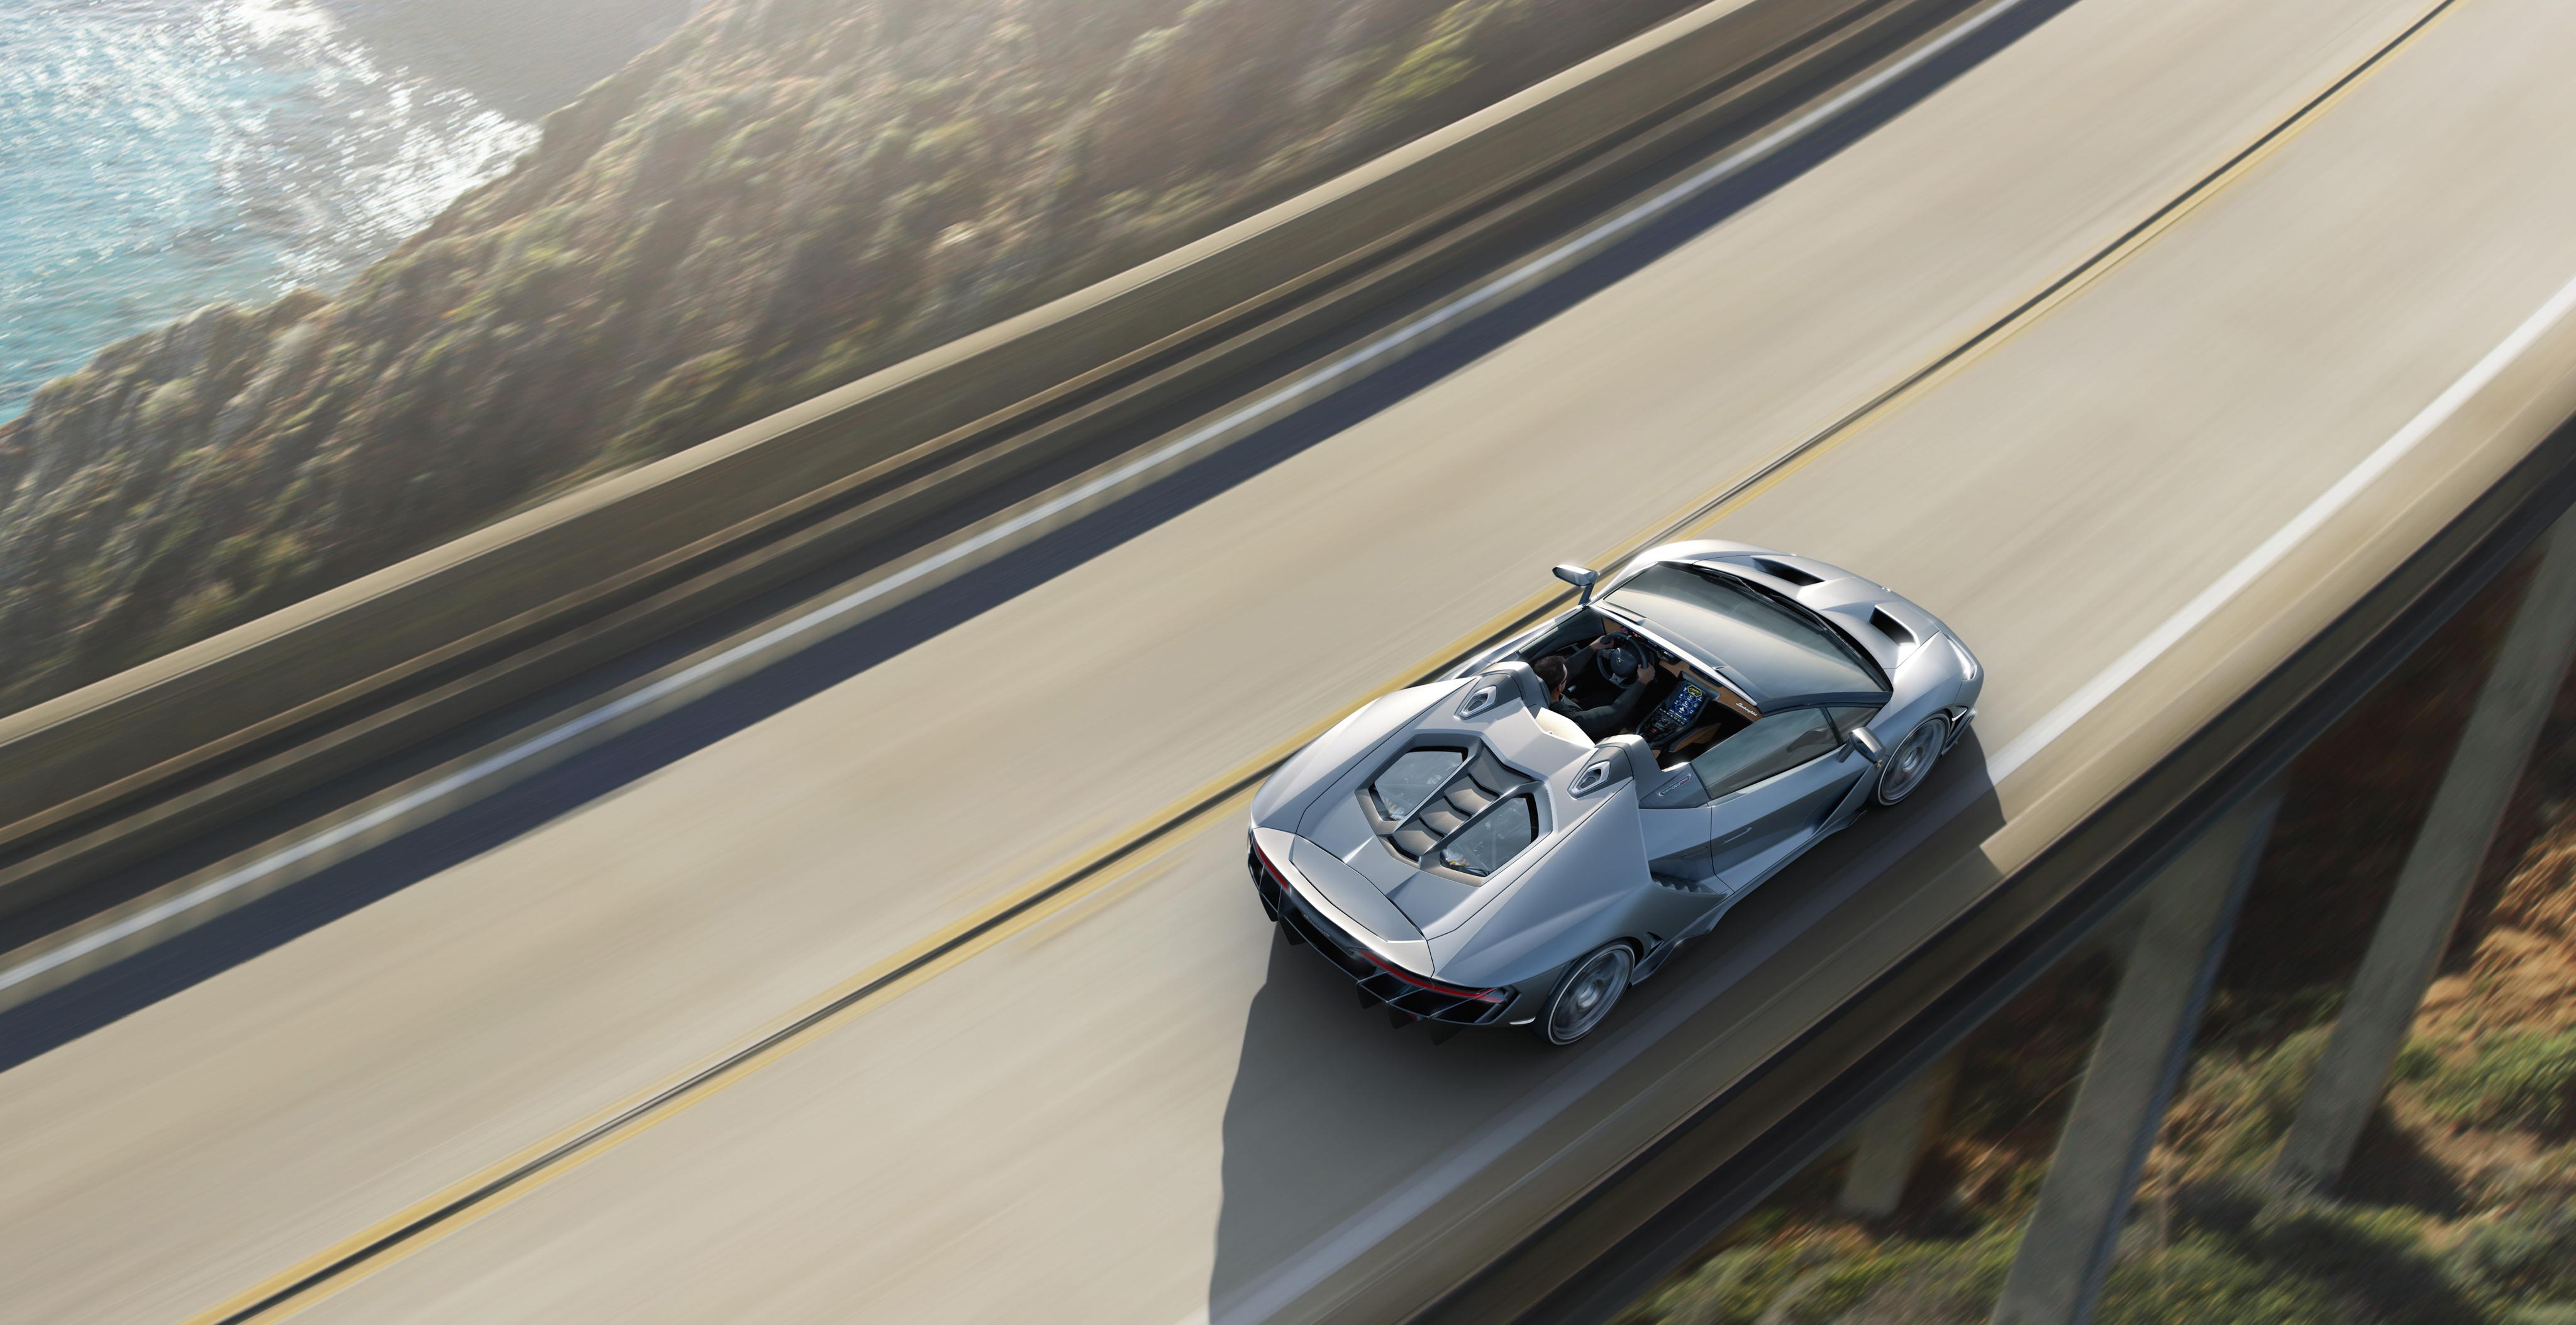 Фотография Ламборгини Centenario Roadster Родстер Движение Машины Сверху 4096x2107 Lamborghini едет едущий едущая скорость Авто Автомобили